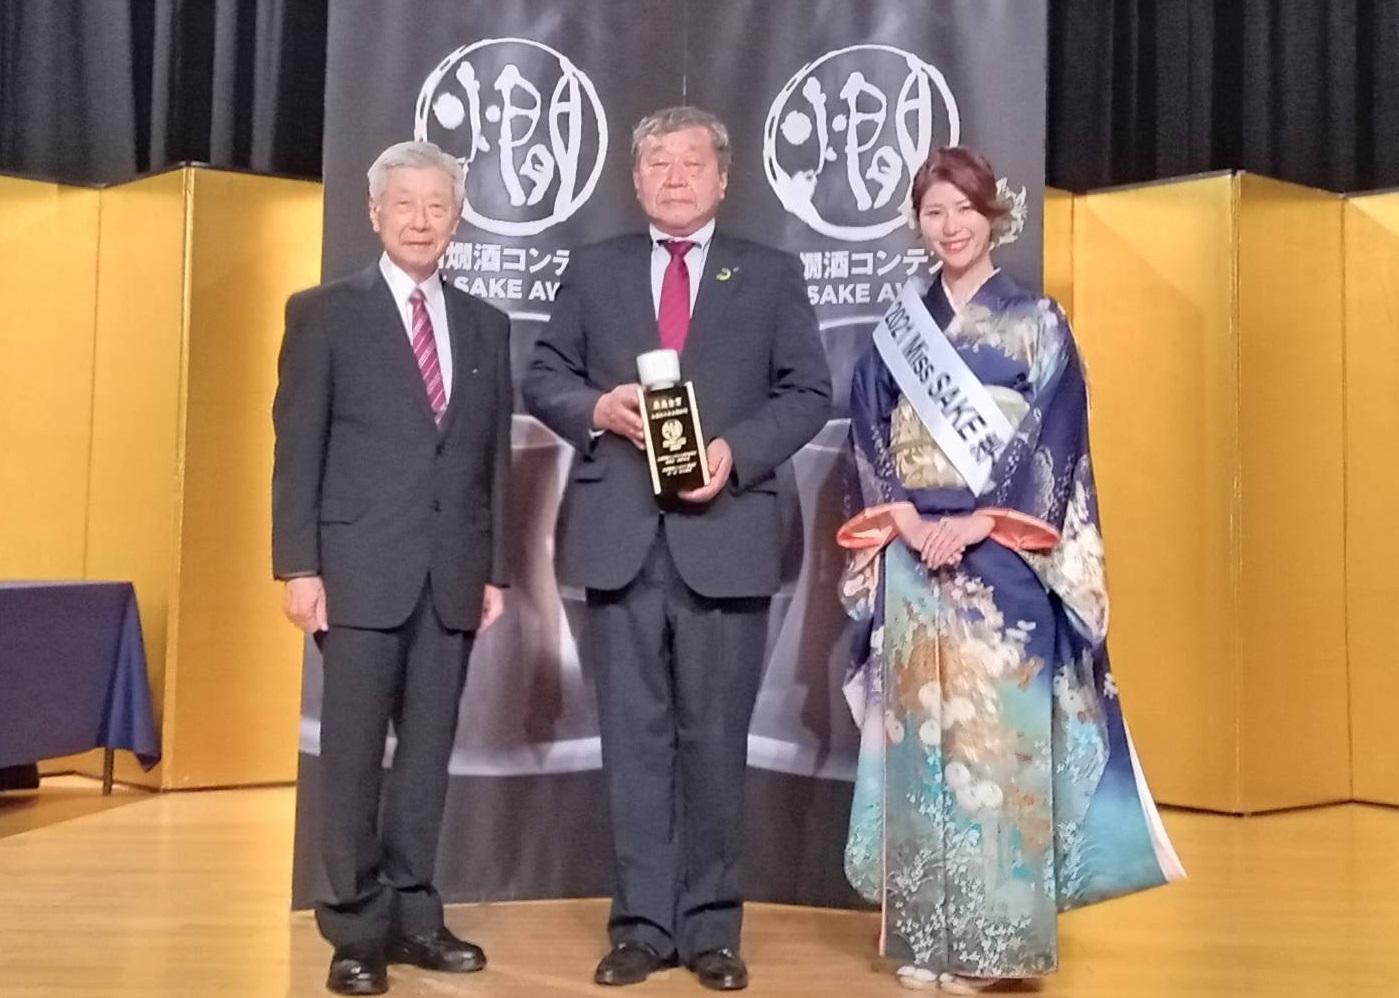 全国燗酒コンテスト2021 授賞式